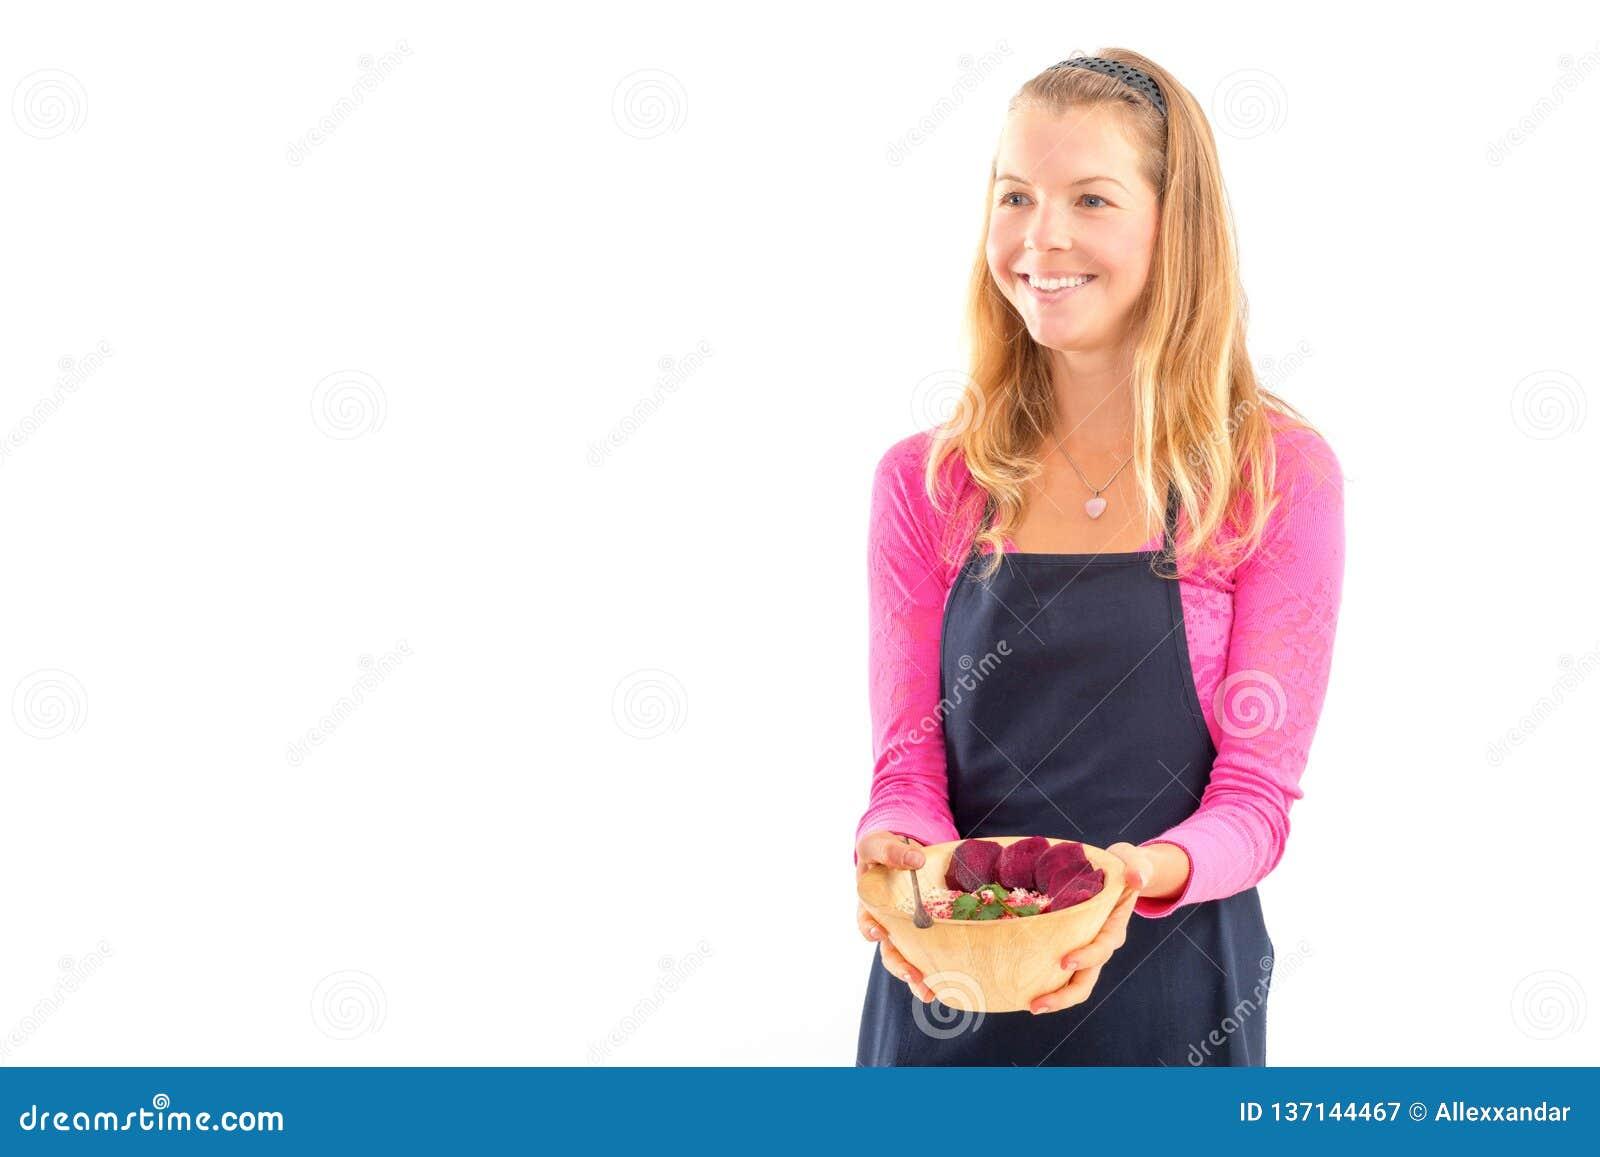 拿着未加工的素食主义者健康食品的年轻女人 未加工的食物概念竹碗